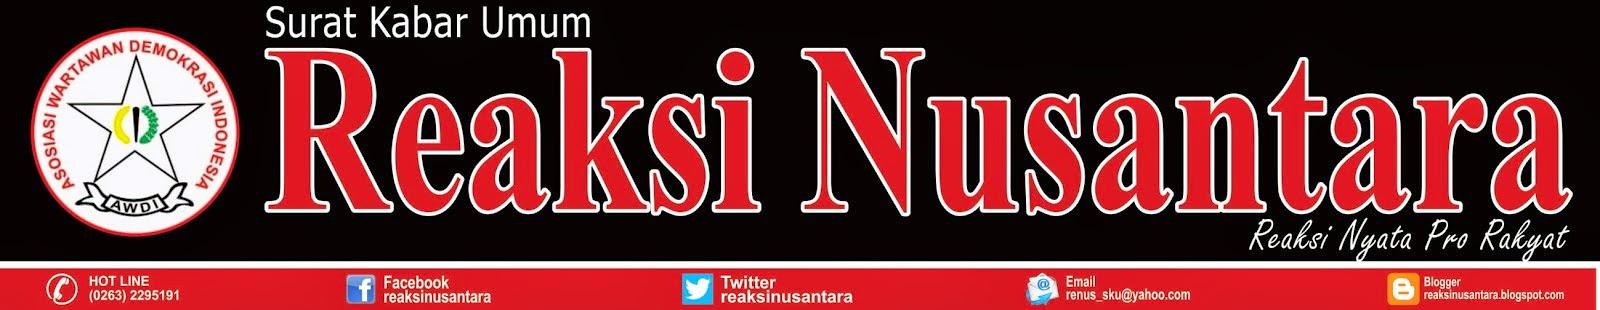 Reaksi Nusantara